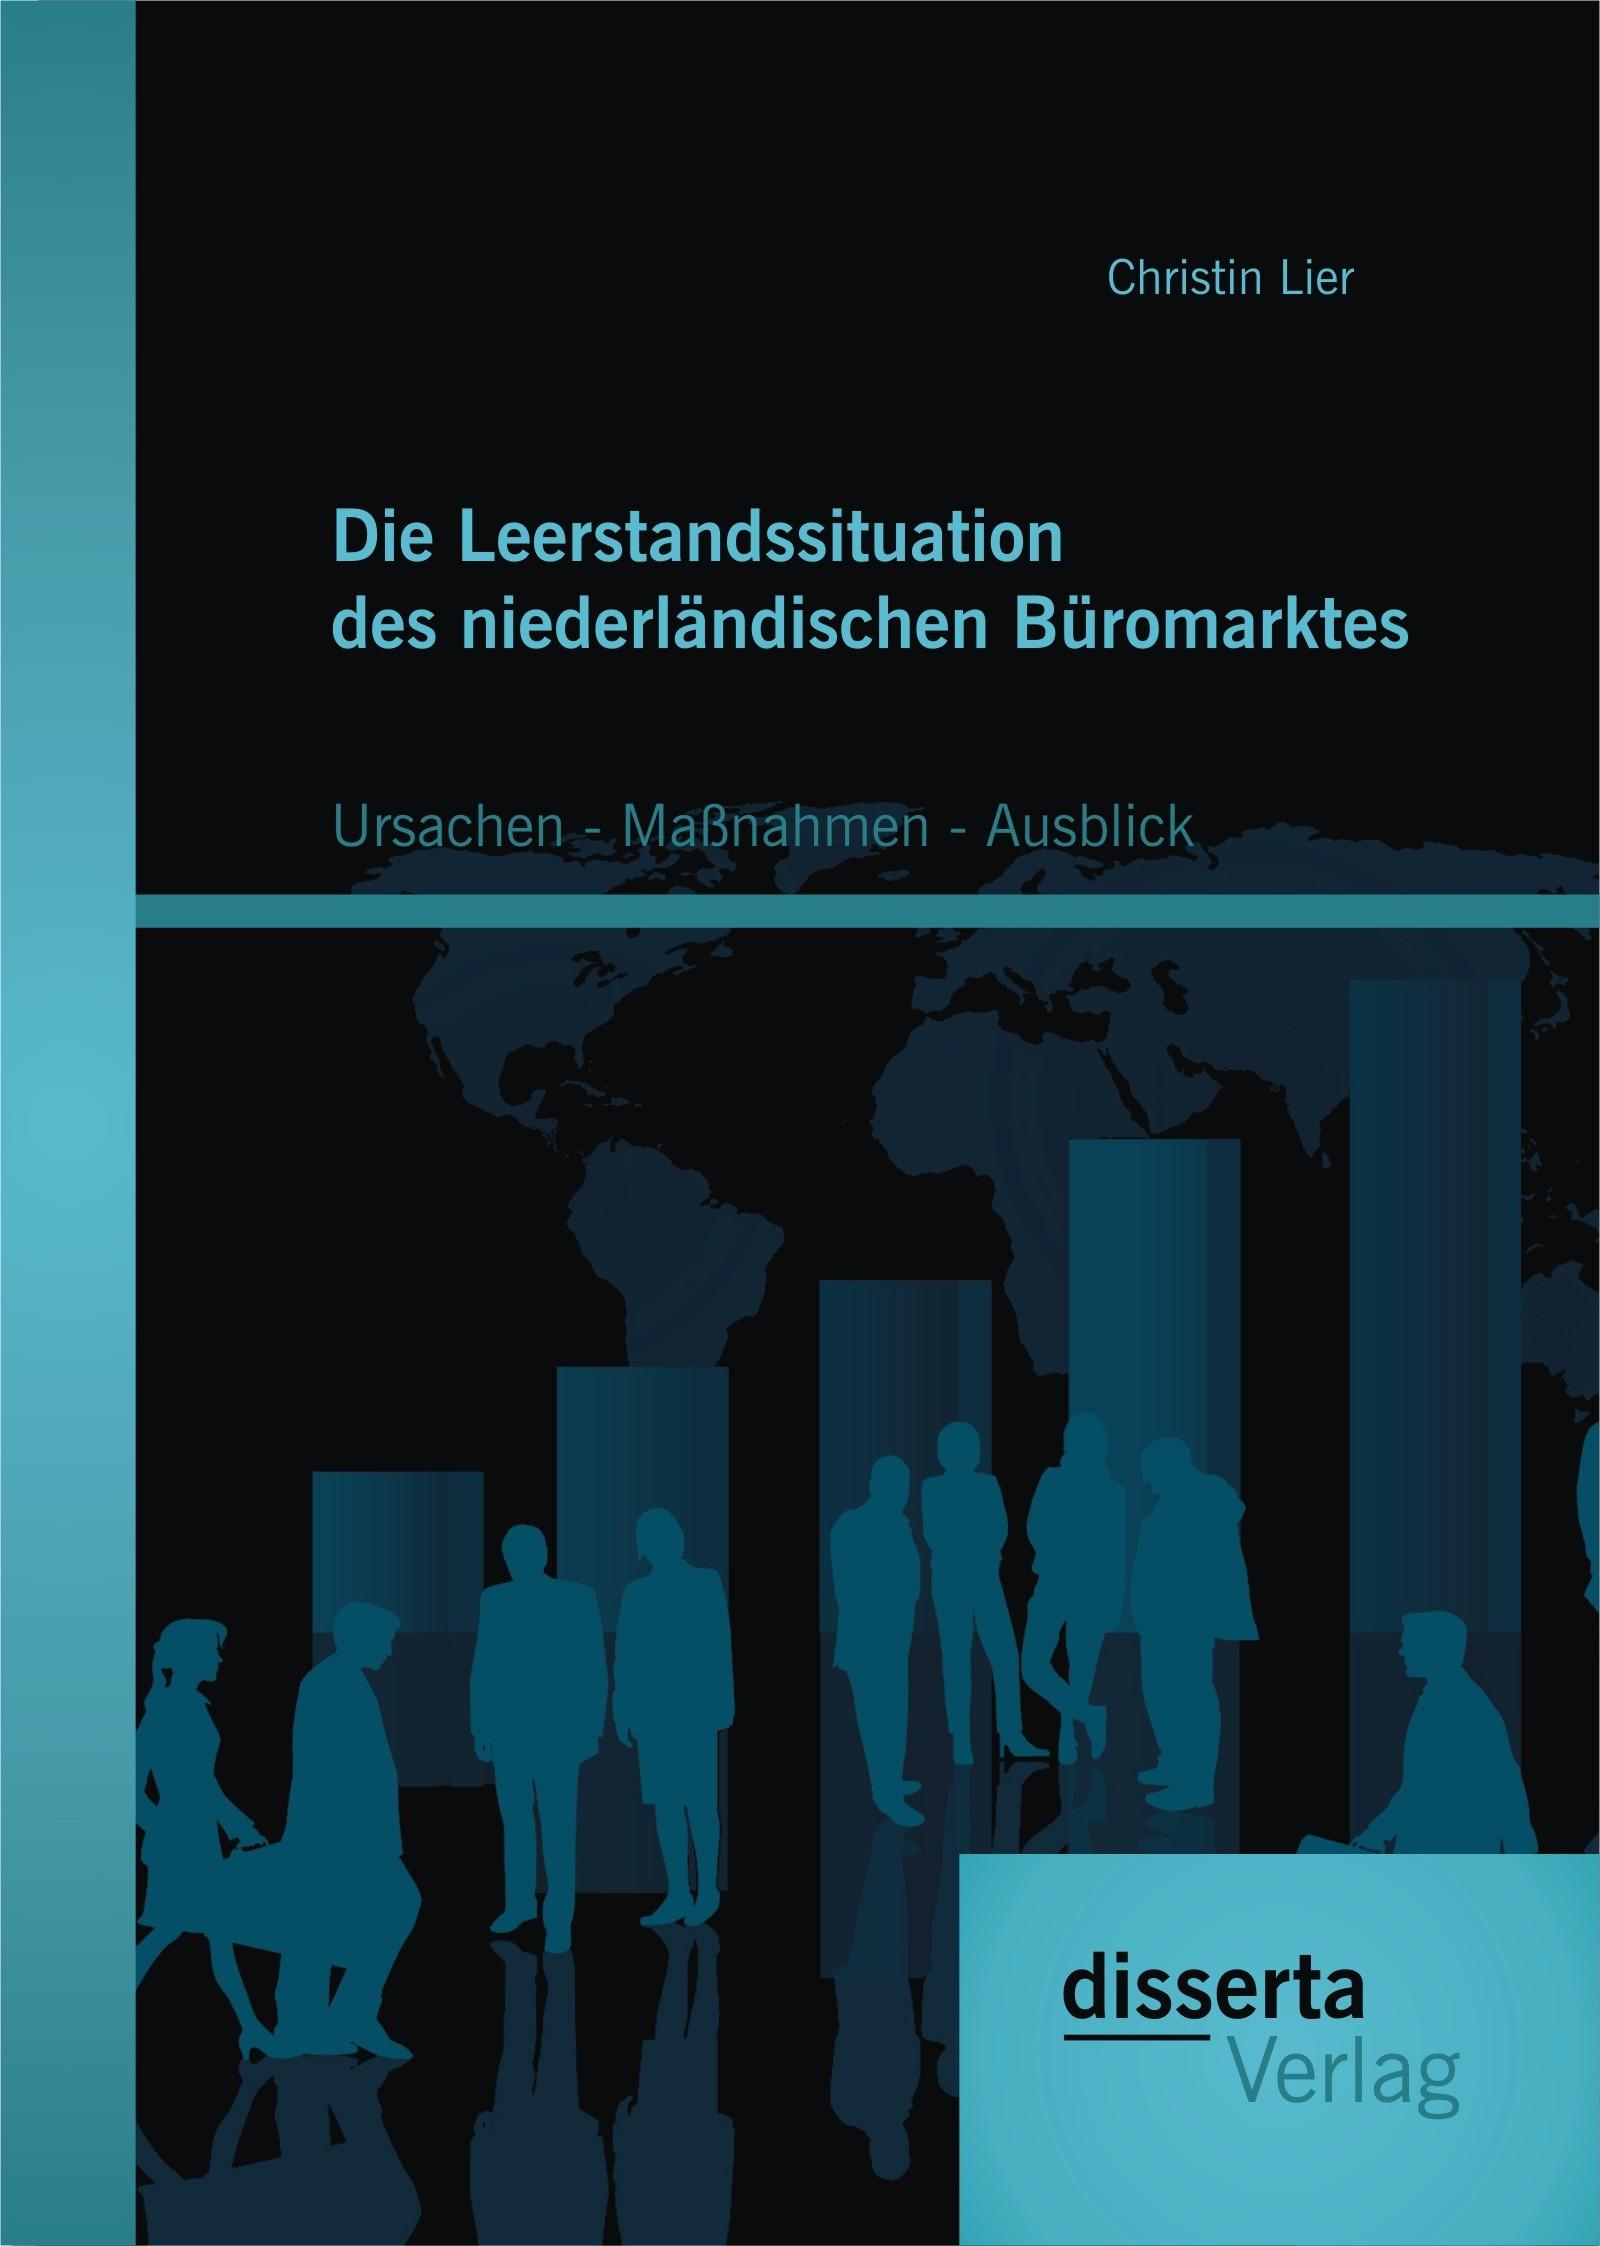 Die Leerstandssituation des niederländischen Büromarktes: Ursachen – Maßnahmen - Ausblick   Lier   Erstauflage, 2015   Buch (Cover)